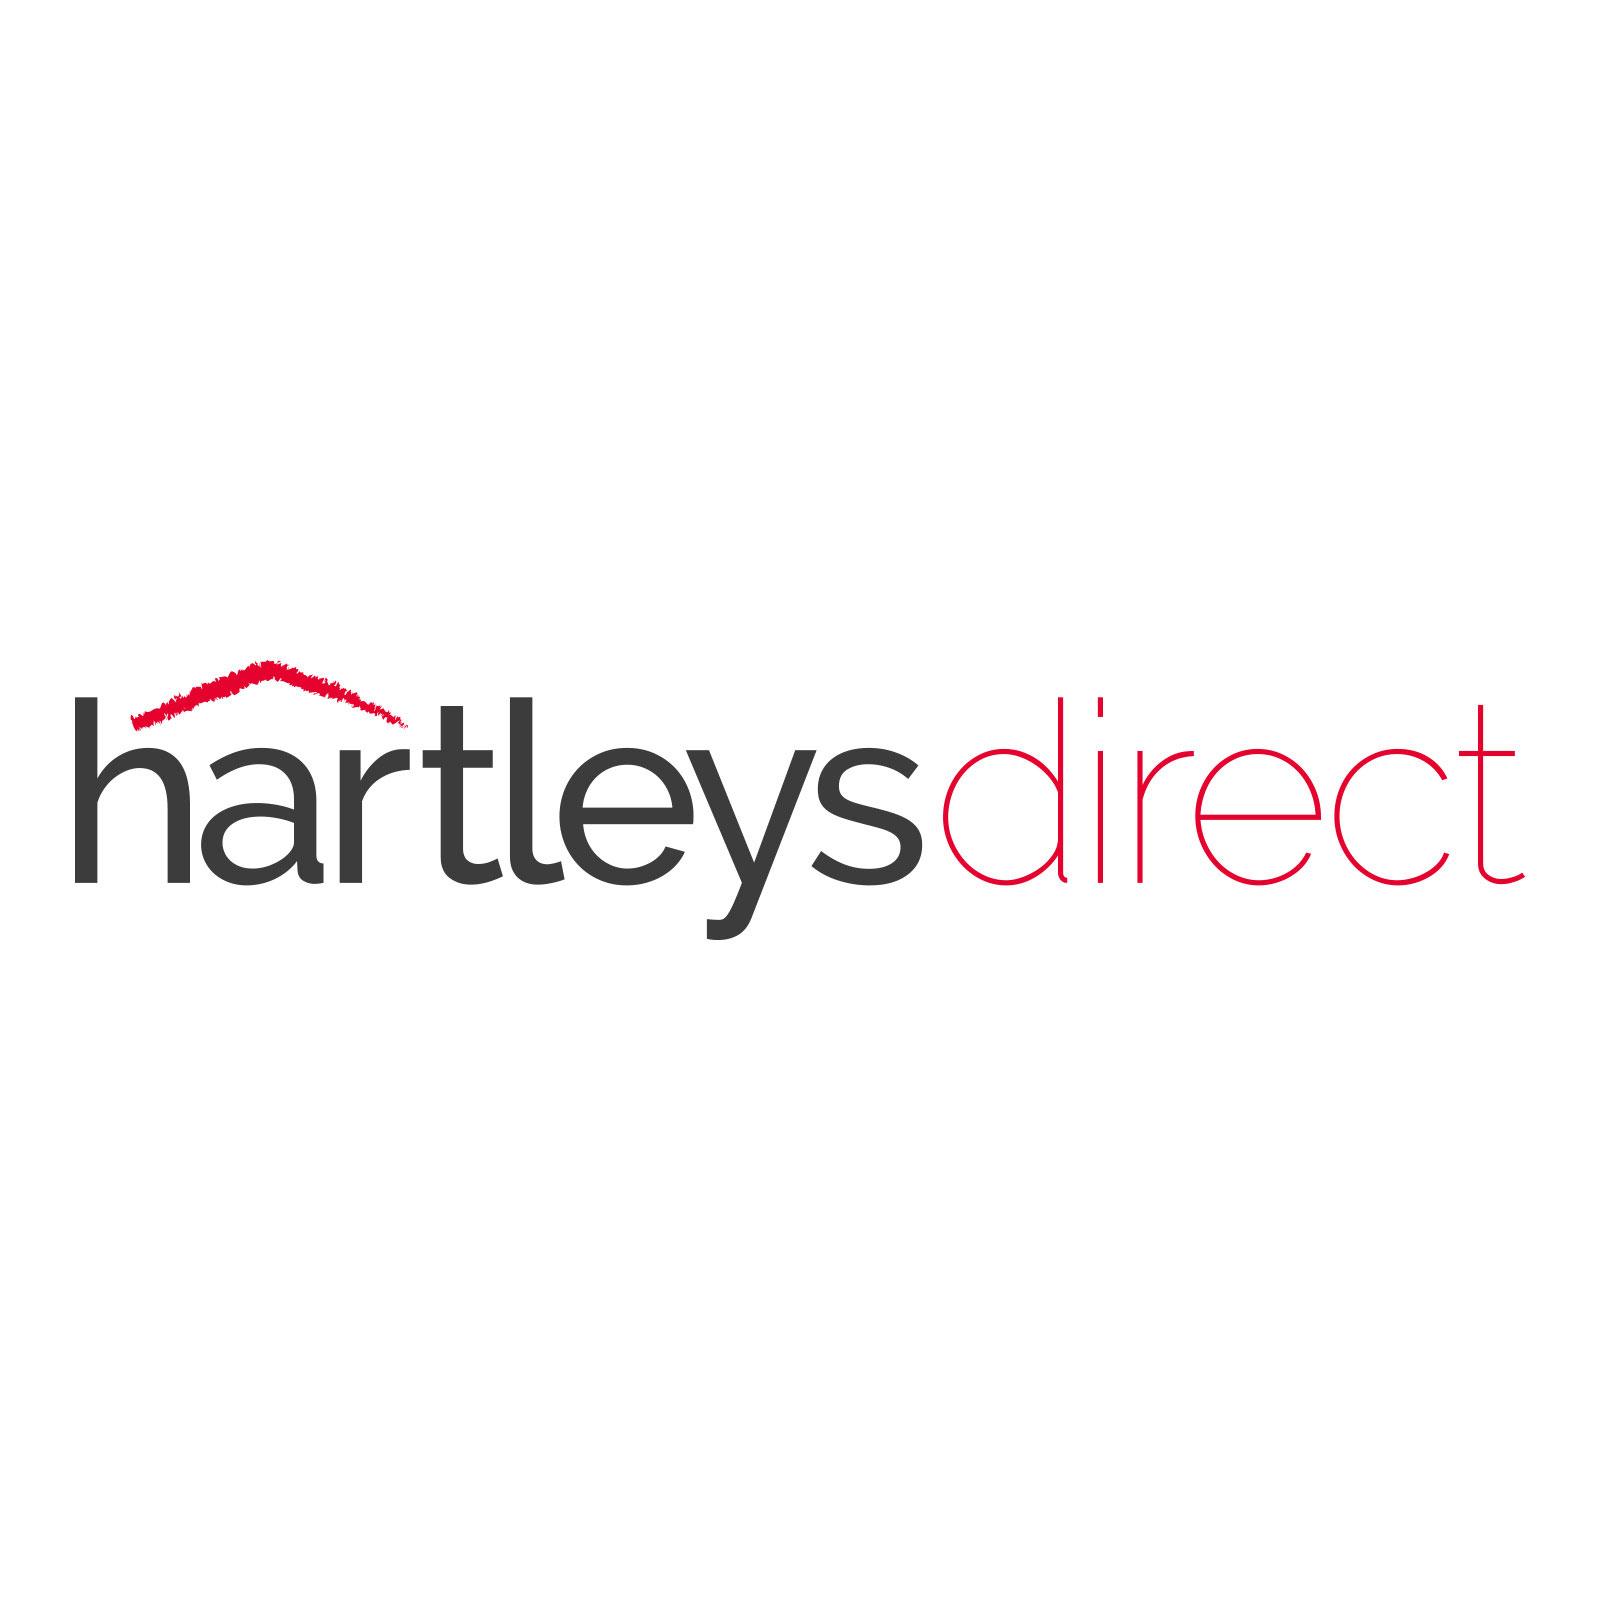 Hartleys-Corner-Ladder-Shelf-Unit-with-Accessories-on-White-Background.jpg